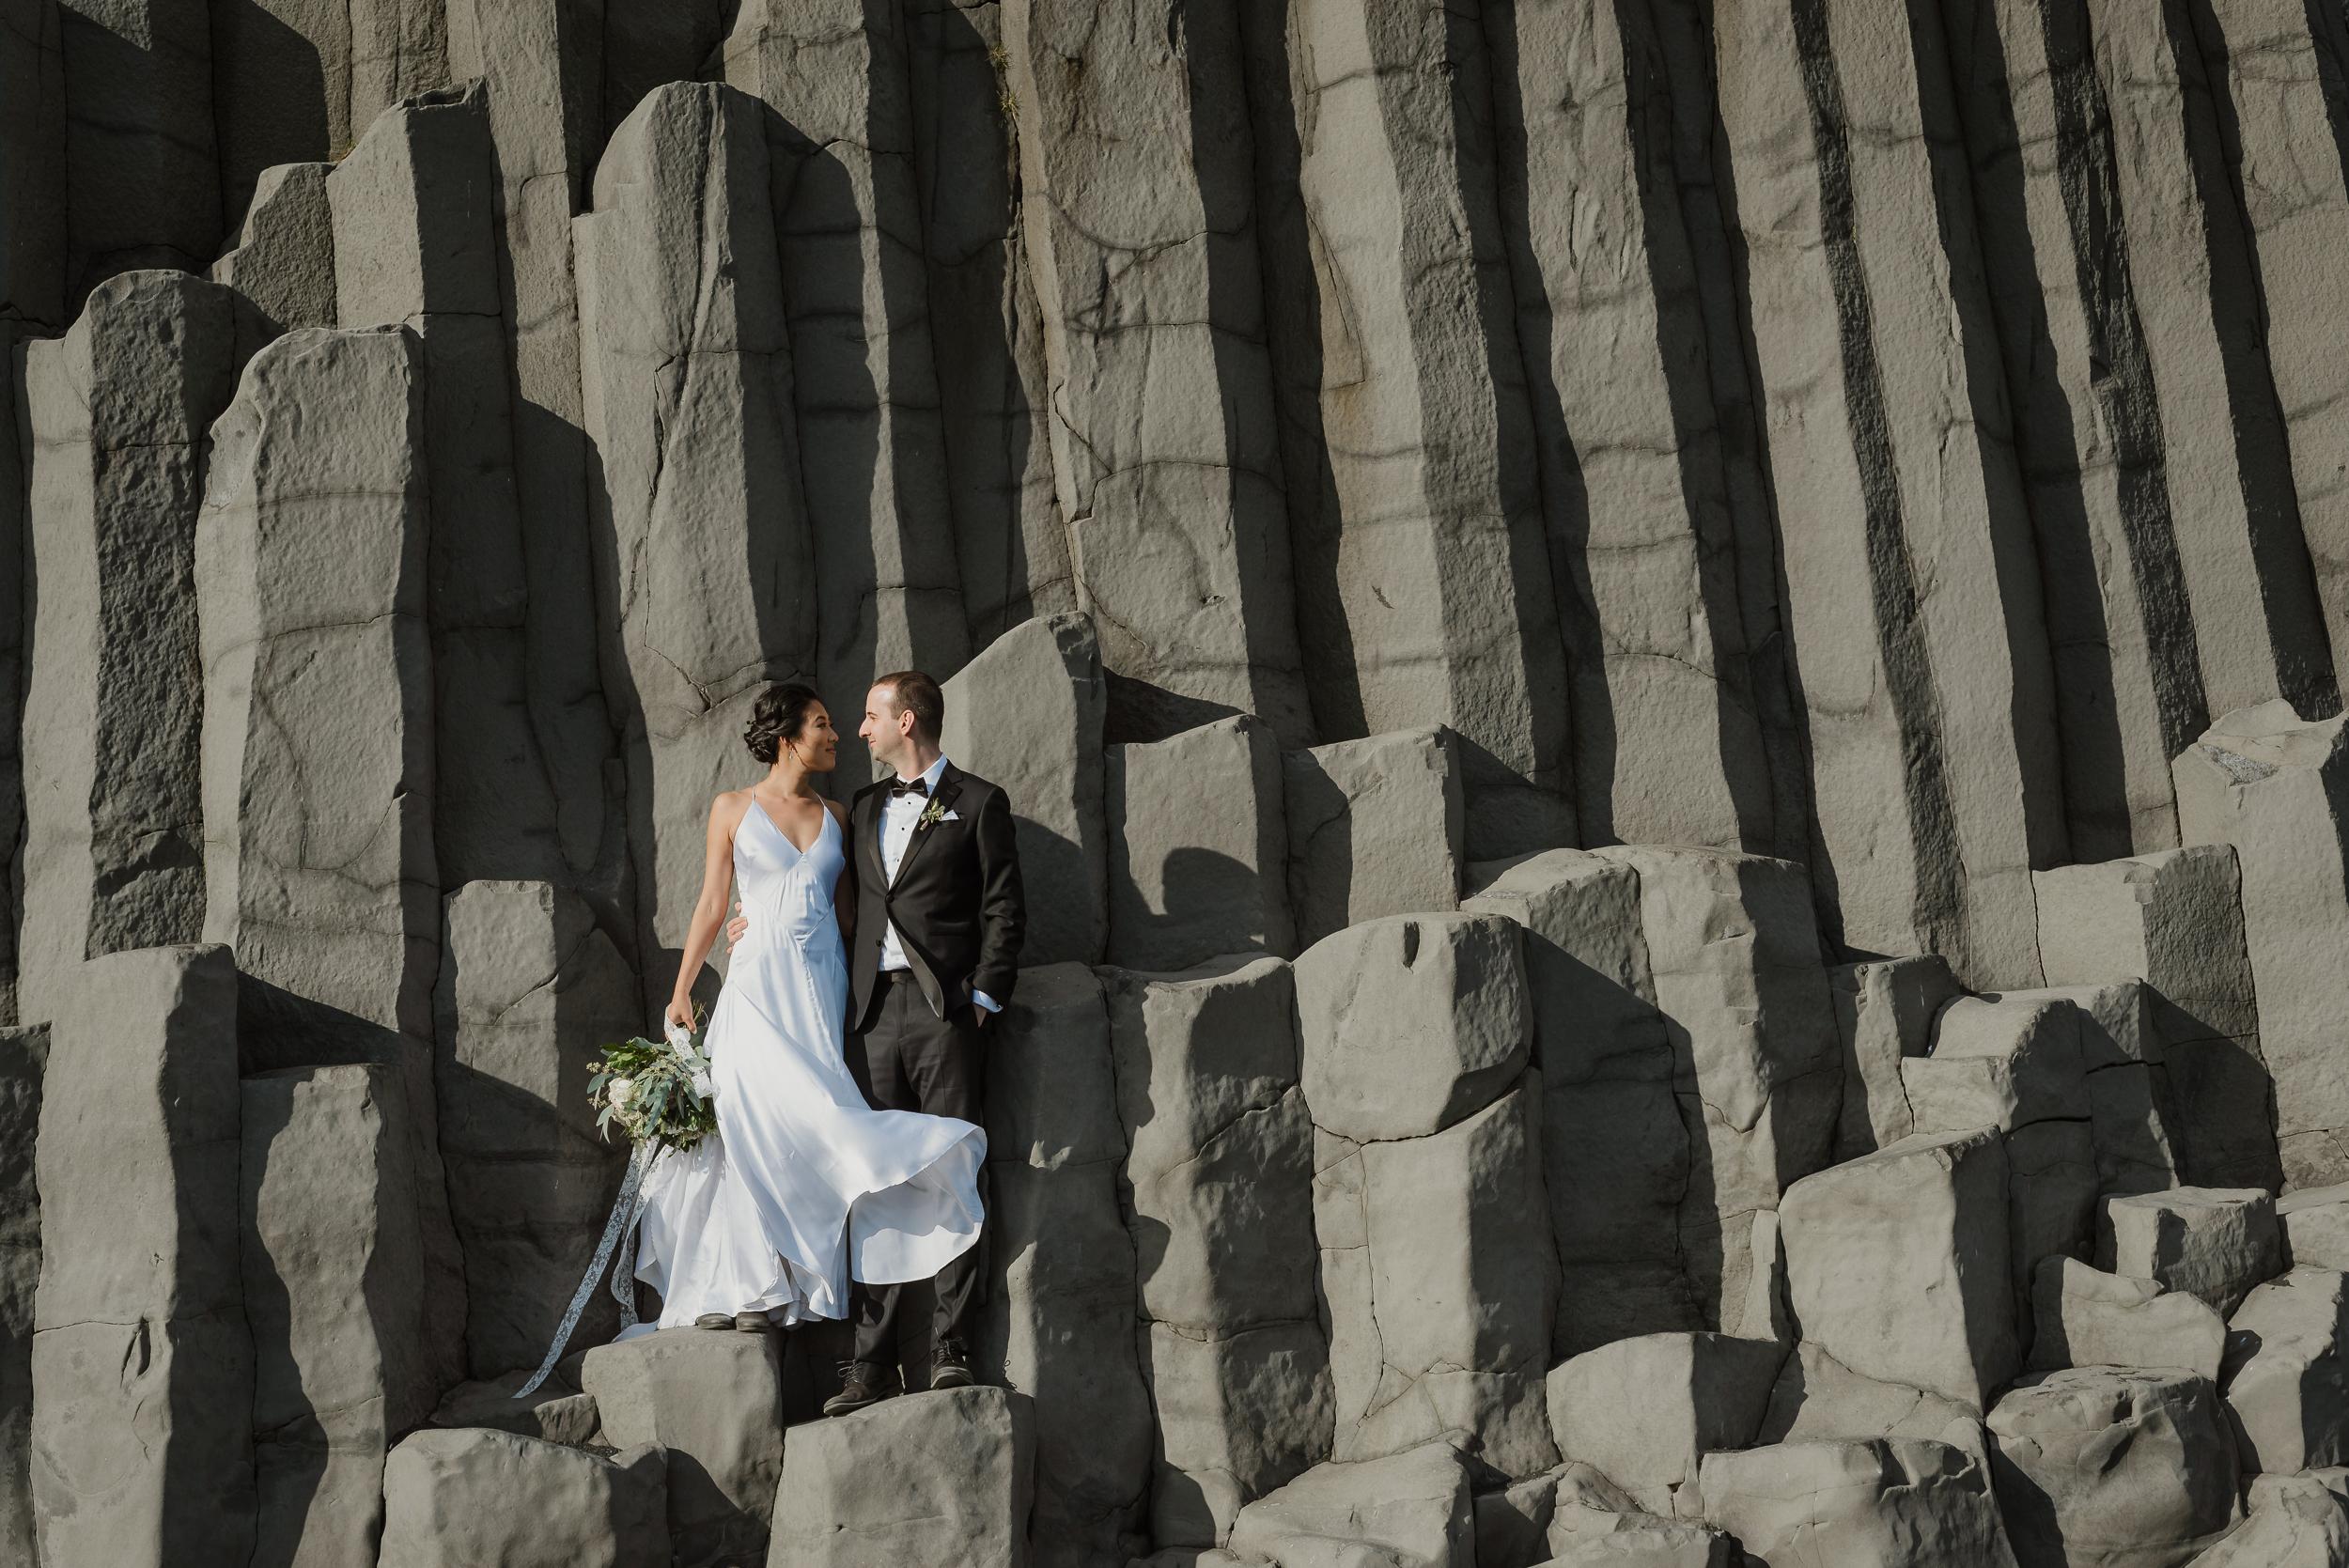 destination-wedding-iceland-engagement-session-vivianchen-159.jpg